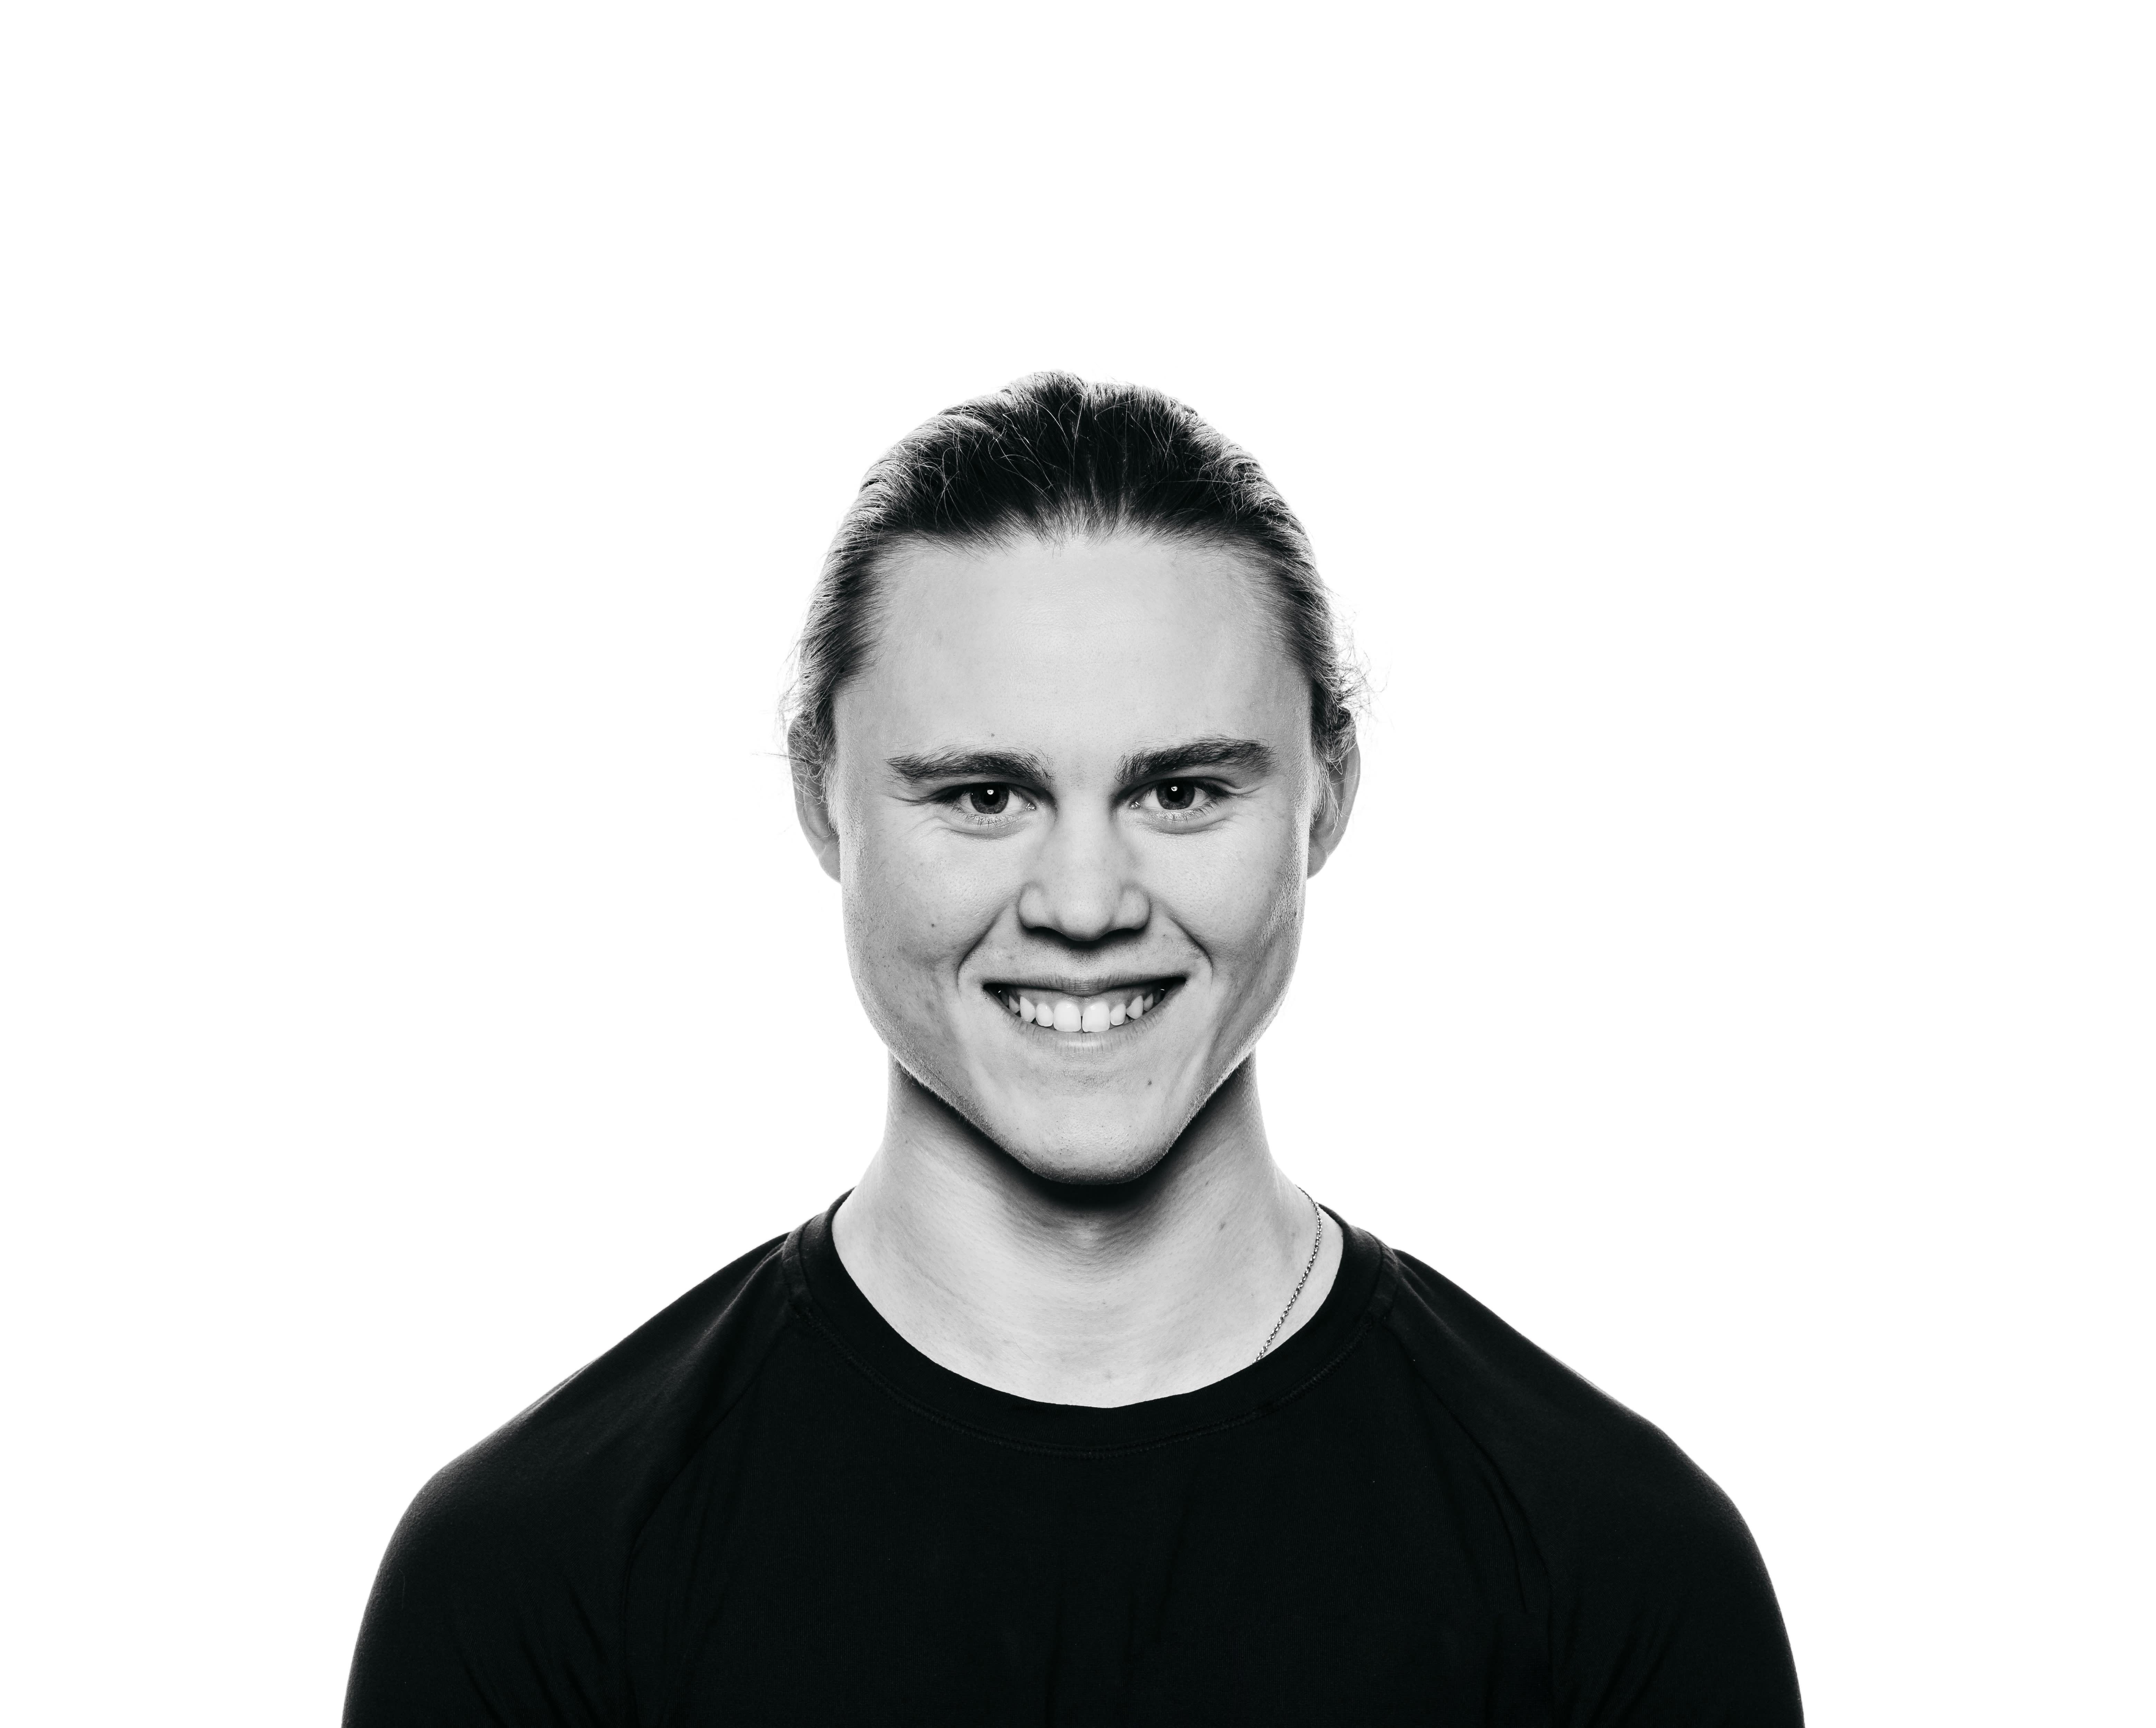 Niklas Vollbrecht Troldborg